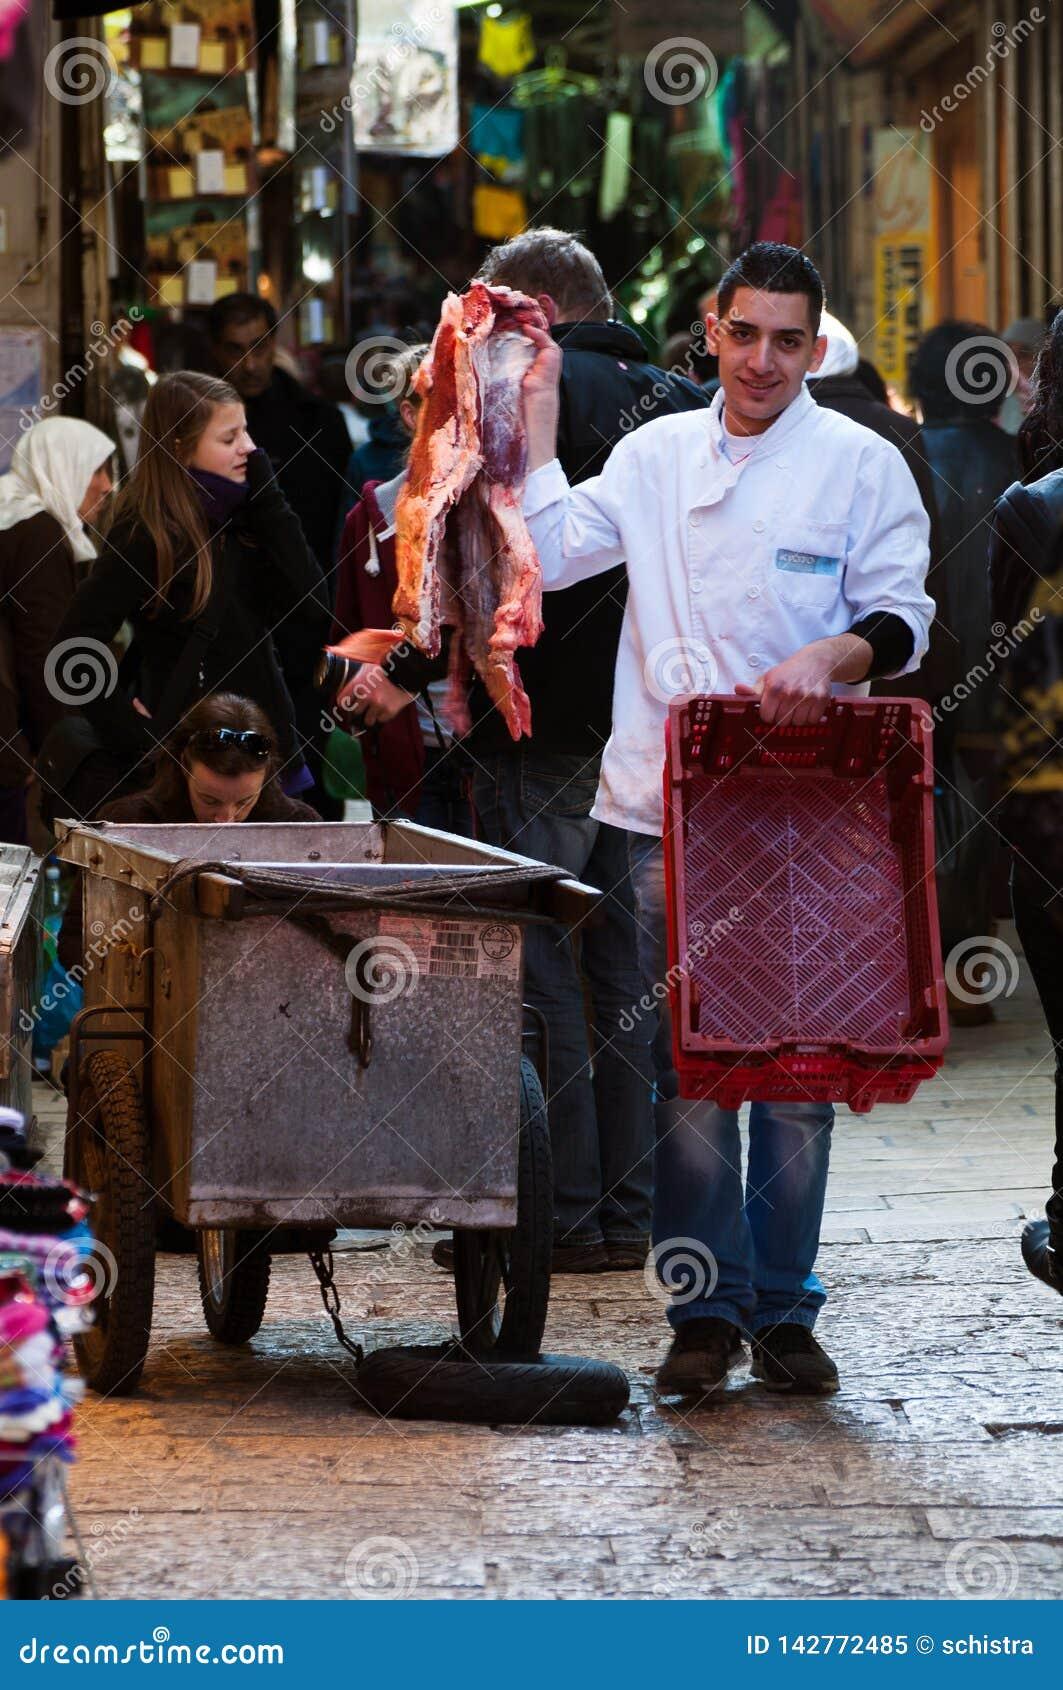 Ιερουσαλήμ, το Δεκέμβριο του 2012: Ο νέος χασάπης ανταλλάσσει το κρέας στο παζάρι της Ιερουσαλήμ